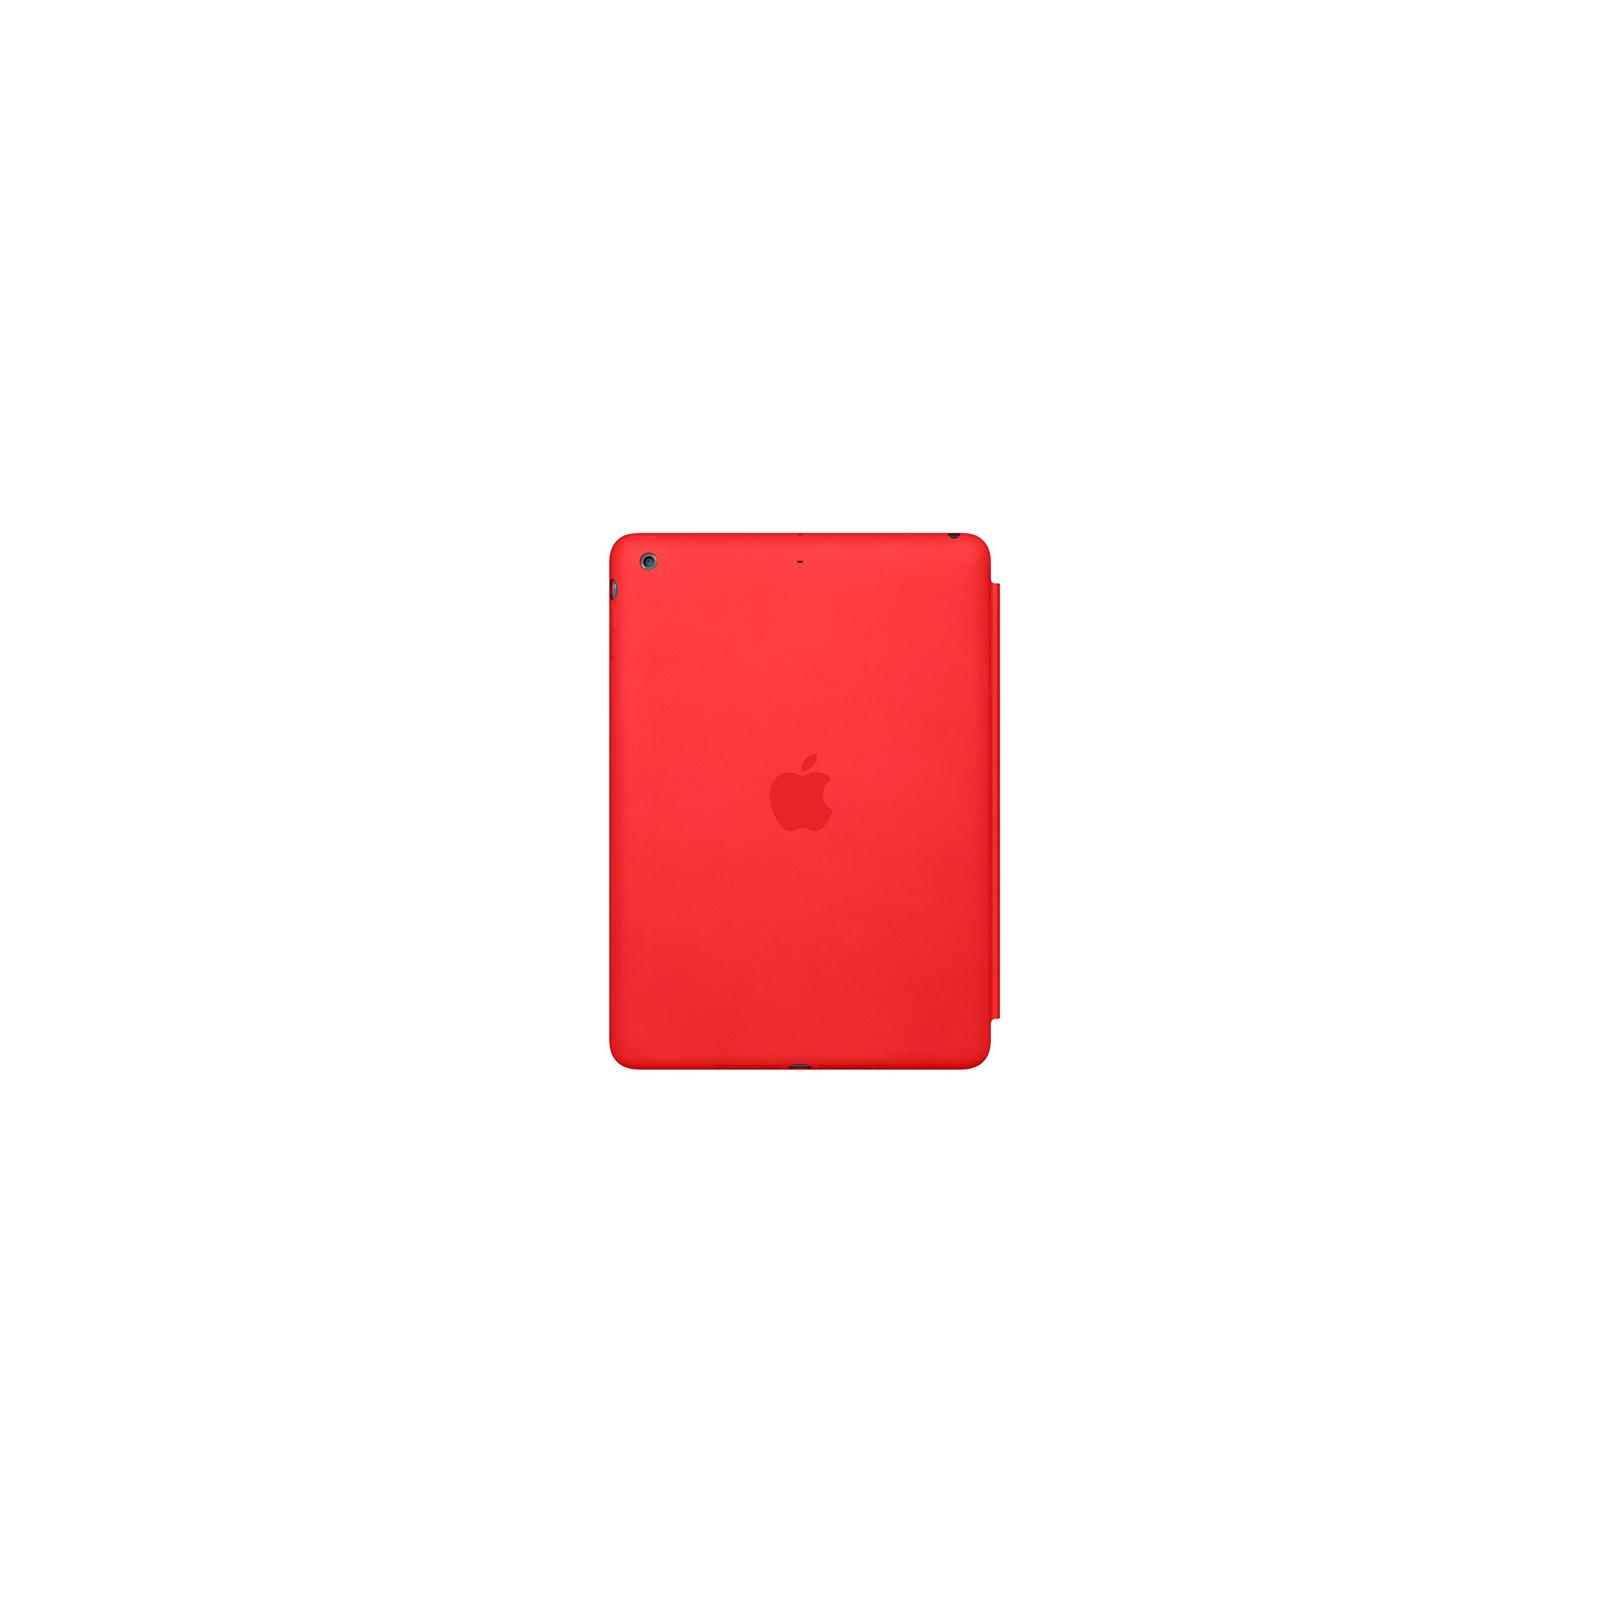 Чехол для планшета Apple Smart Case для iPad Air (red) (MF052ZM/A) изображение 7